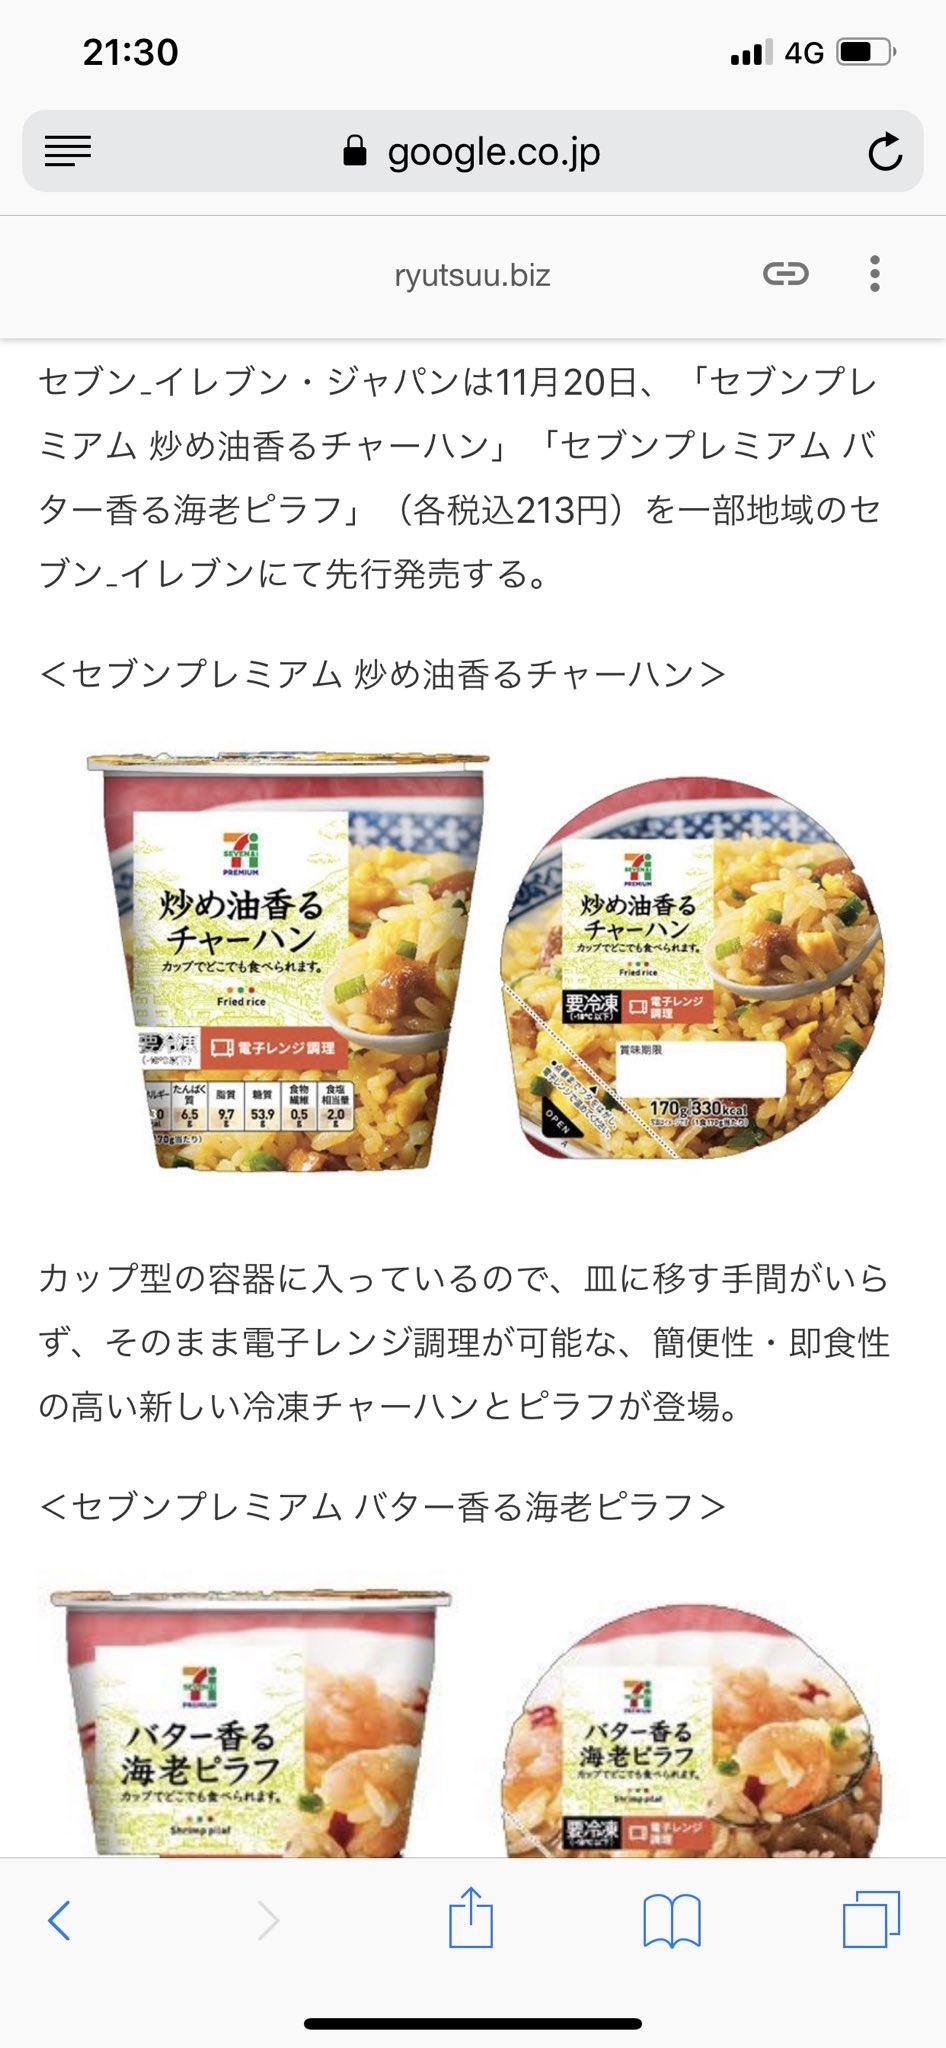 セブンイレブンめ。ついに「カップ入りの冷凍チャーハン」などという究極に近い商品をリリースしてきやがった…買うか。